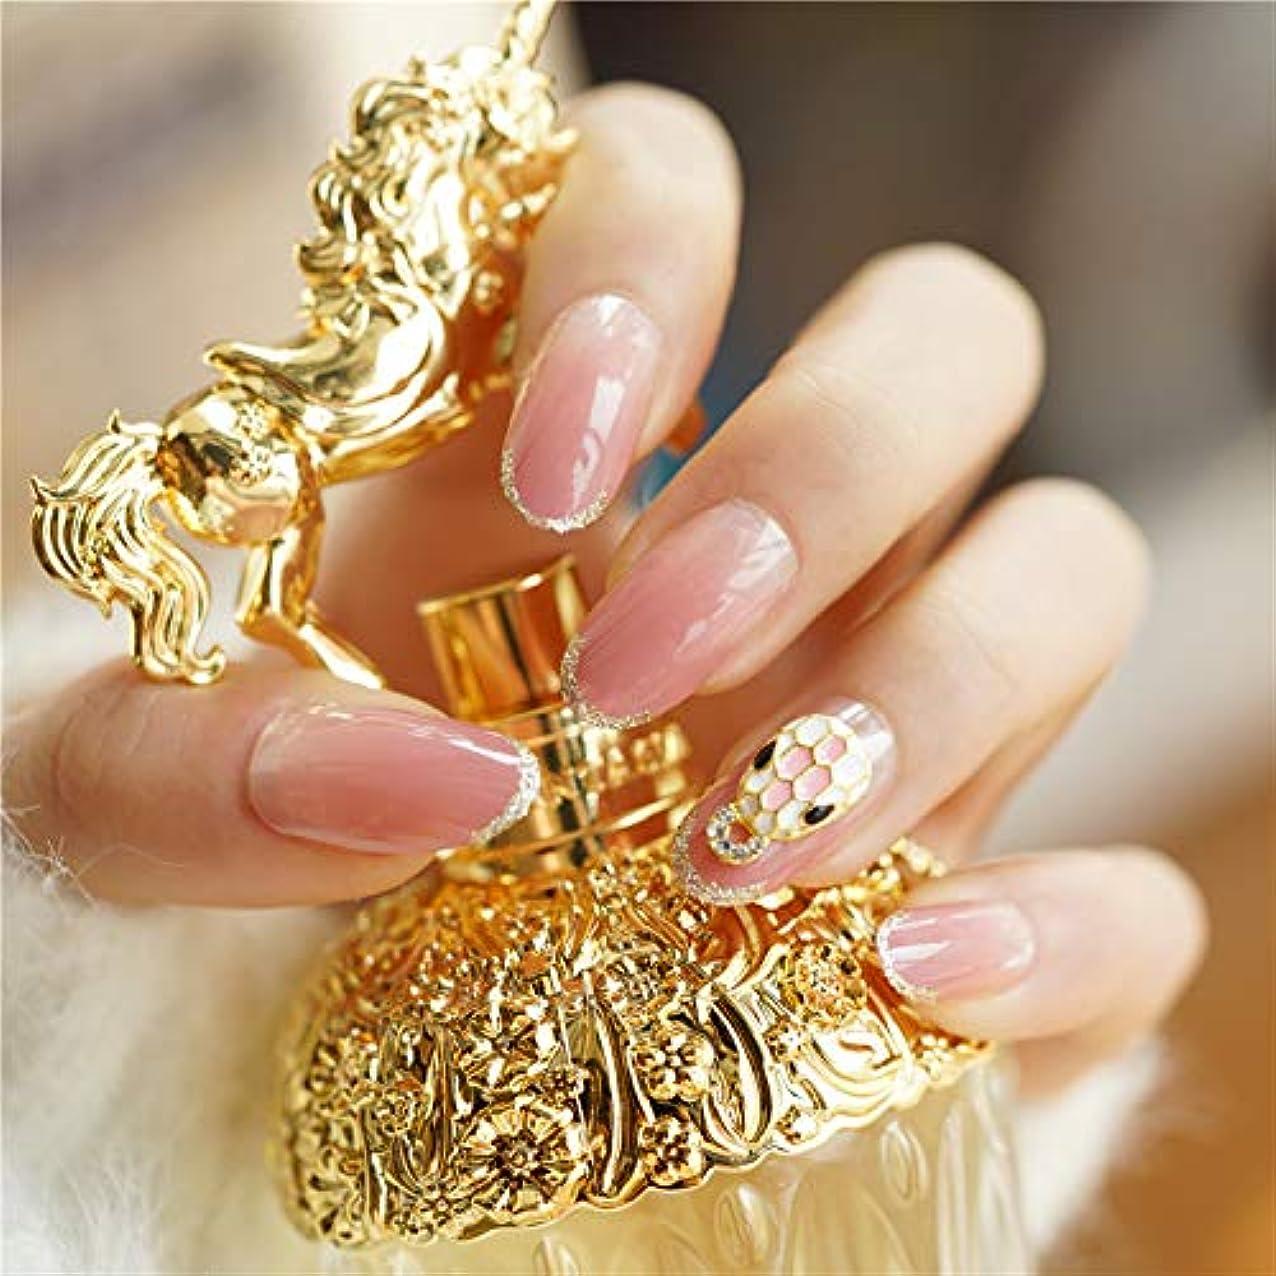 排除キャンバス統計的24枚セット ネイルチップ 付け爪 お嫁さんつけ爪 ネイルシール 3D可愛い飾り 爪先金回し 水しいピンク色変化デザインネイルチップ (ピンク)